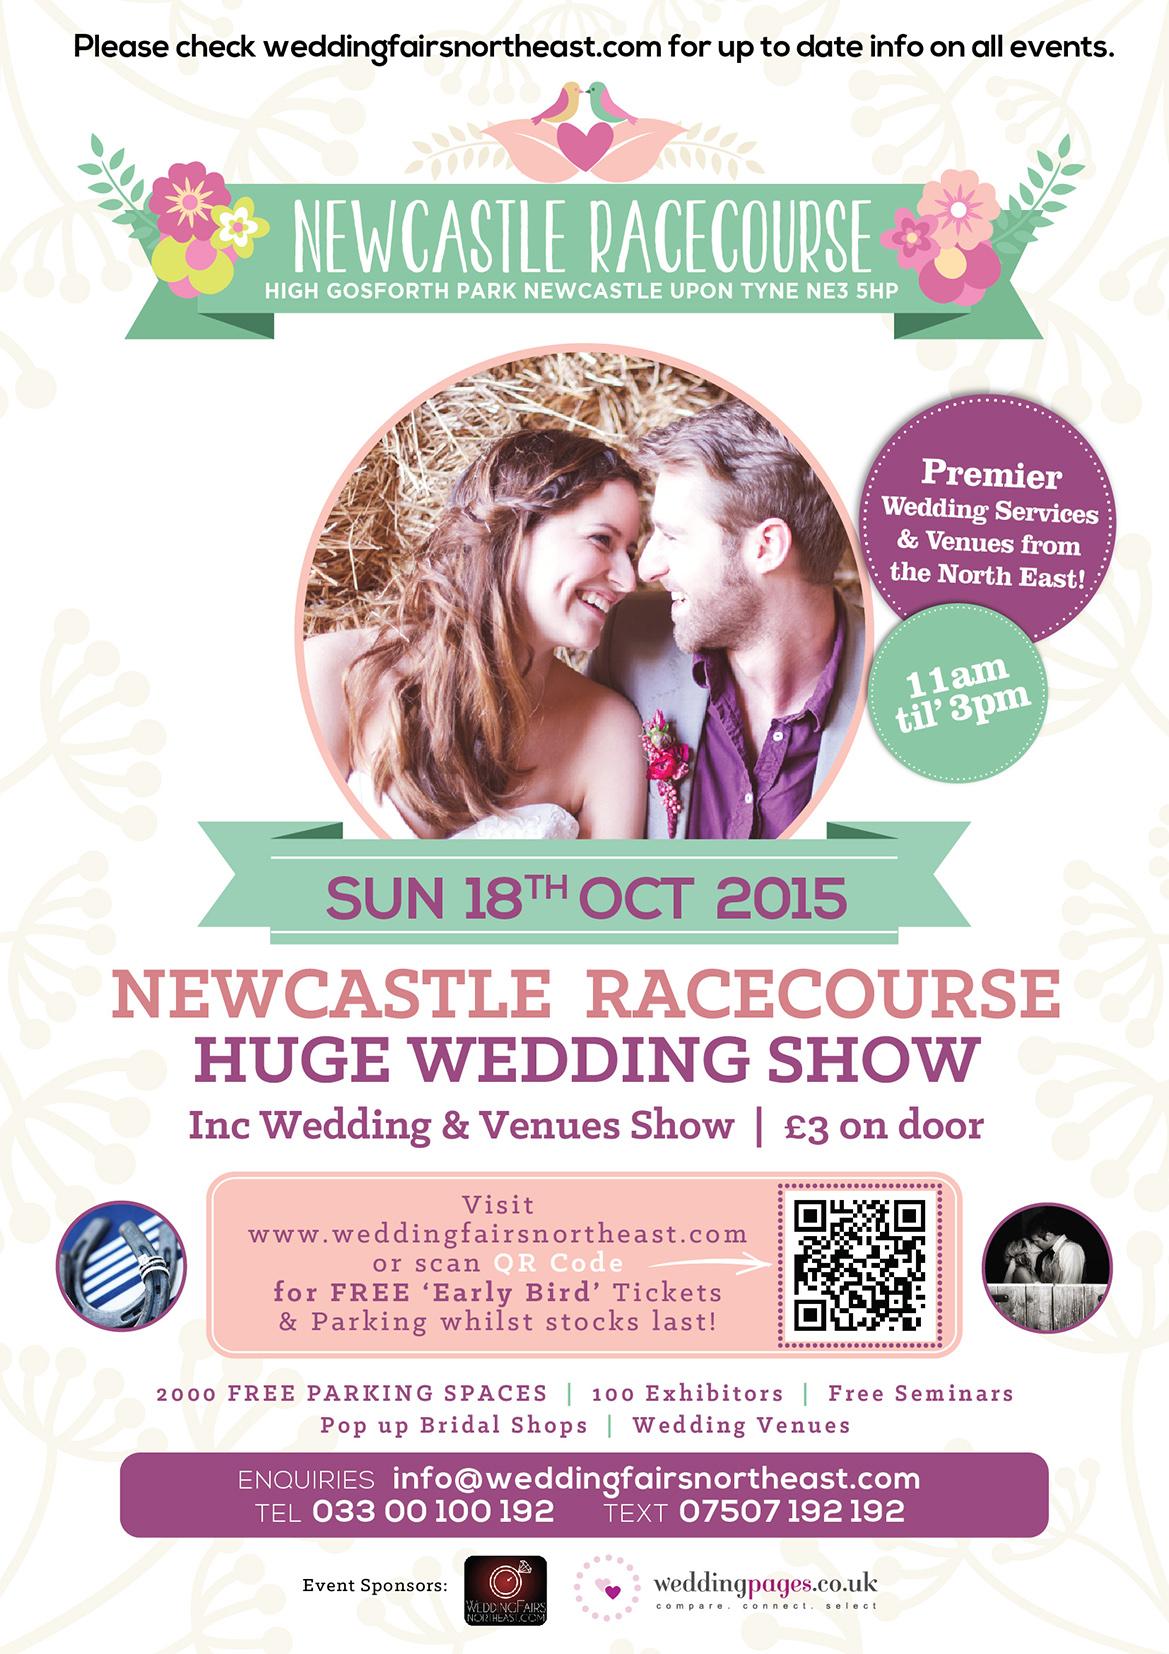 Newcastle Racecourse Wedding Show Sun 18th Oct 2015